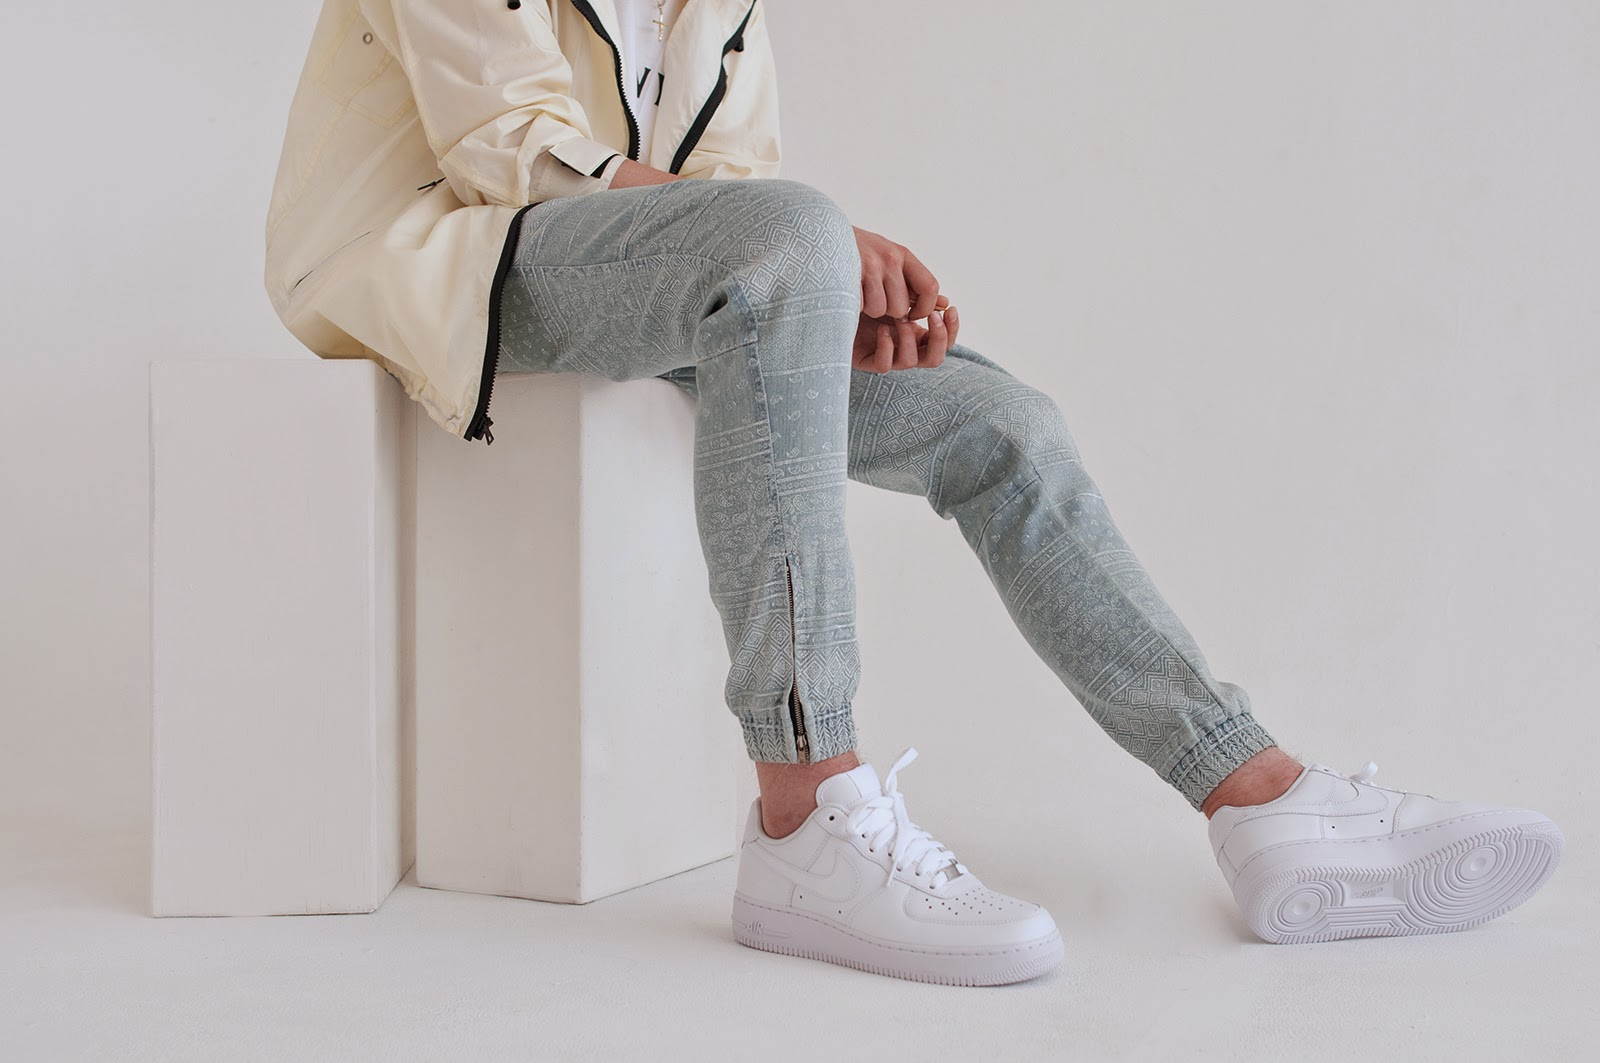 KITH lança coleção focada em jeans